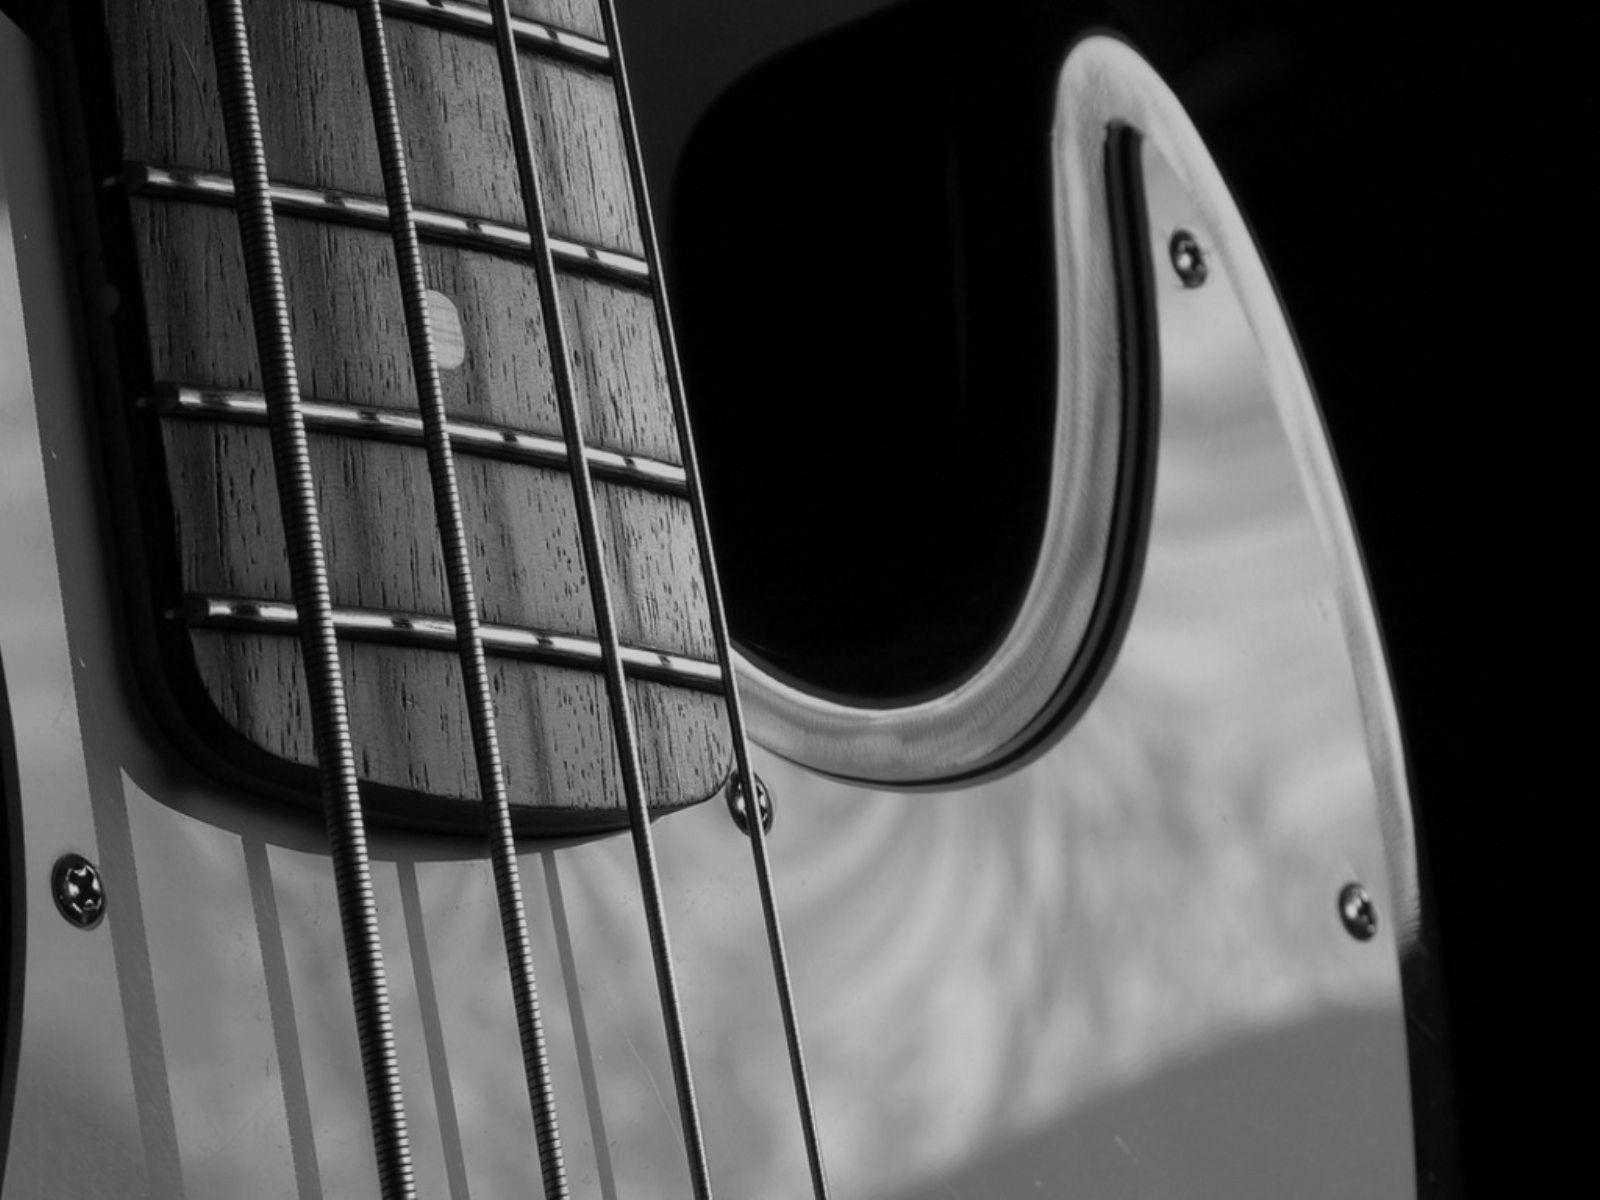 bass guitars guitars - Wallpaper 1600x1200 | Bass guitar ...